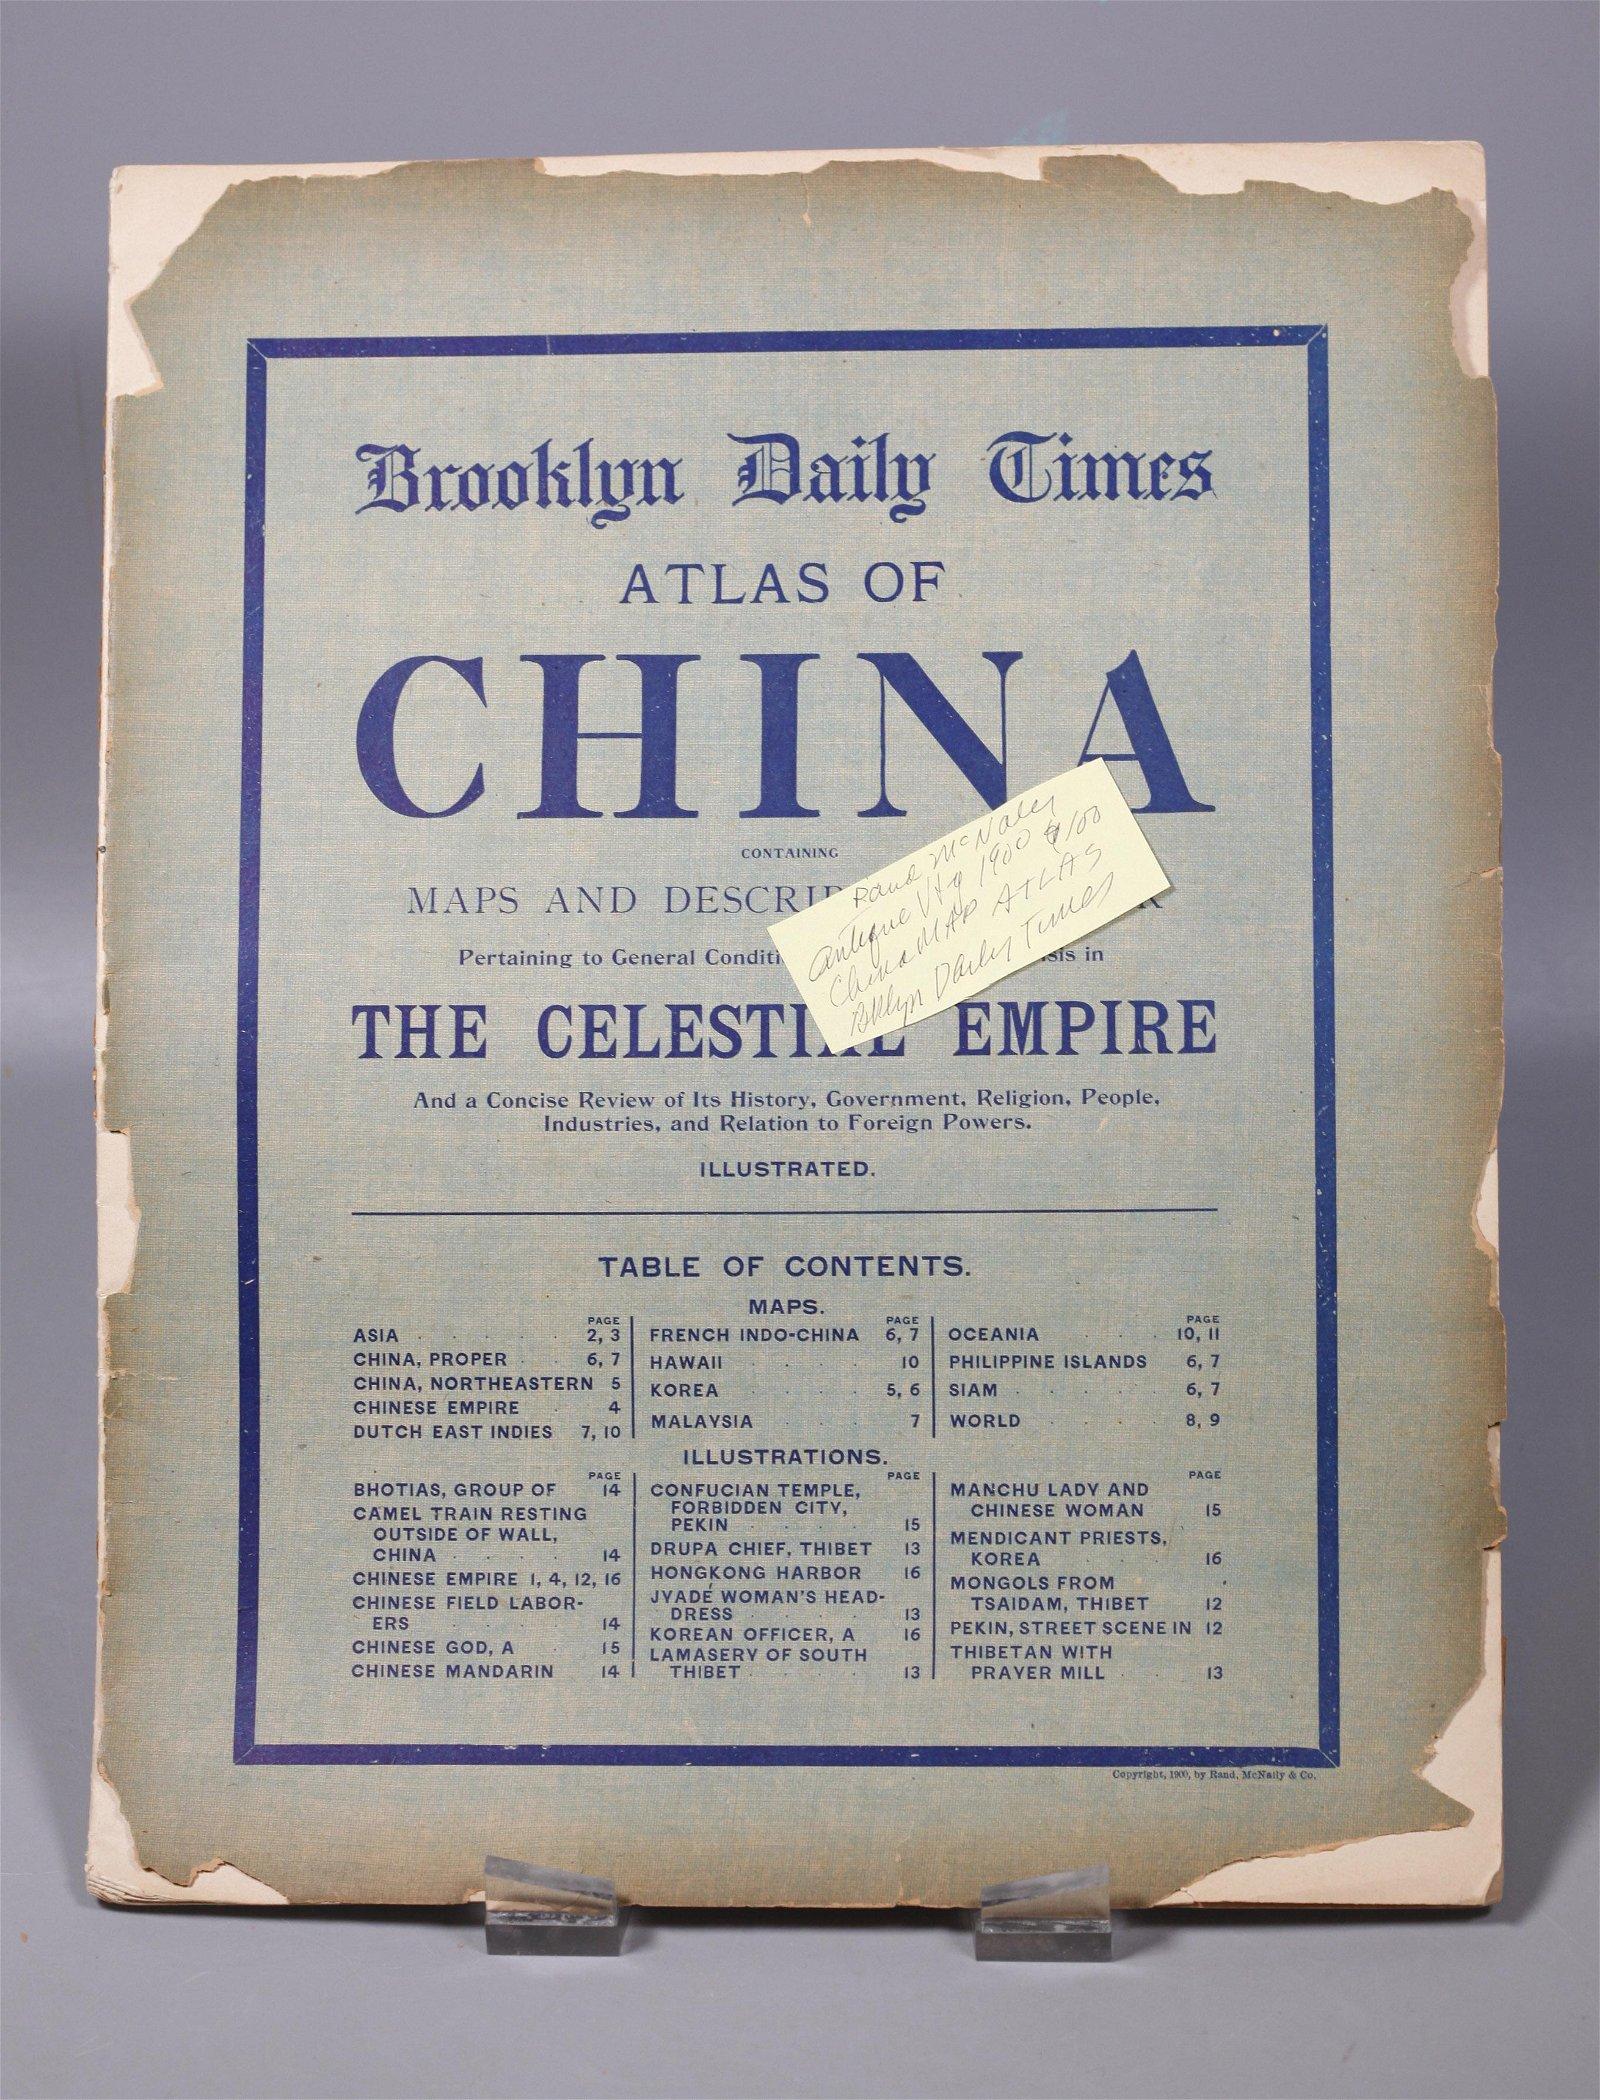 Rand McNally Chinese Atlas 1900 Bklyn Daily Times